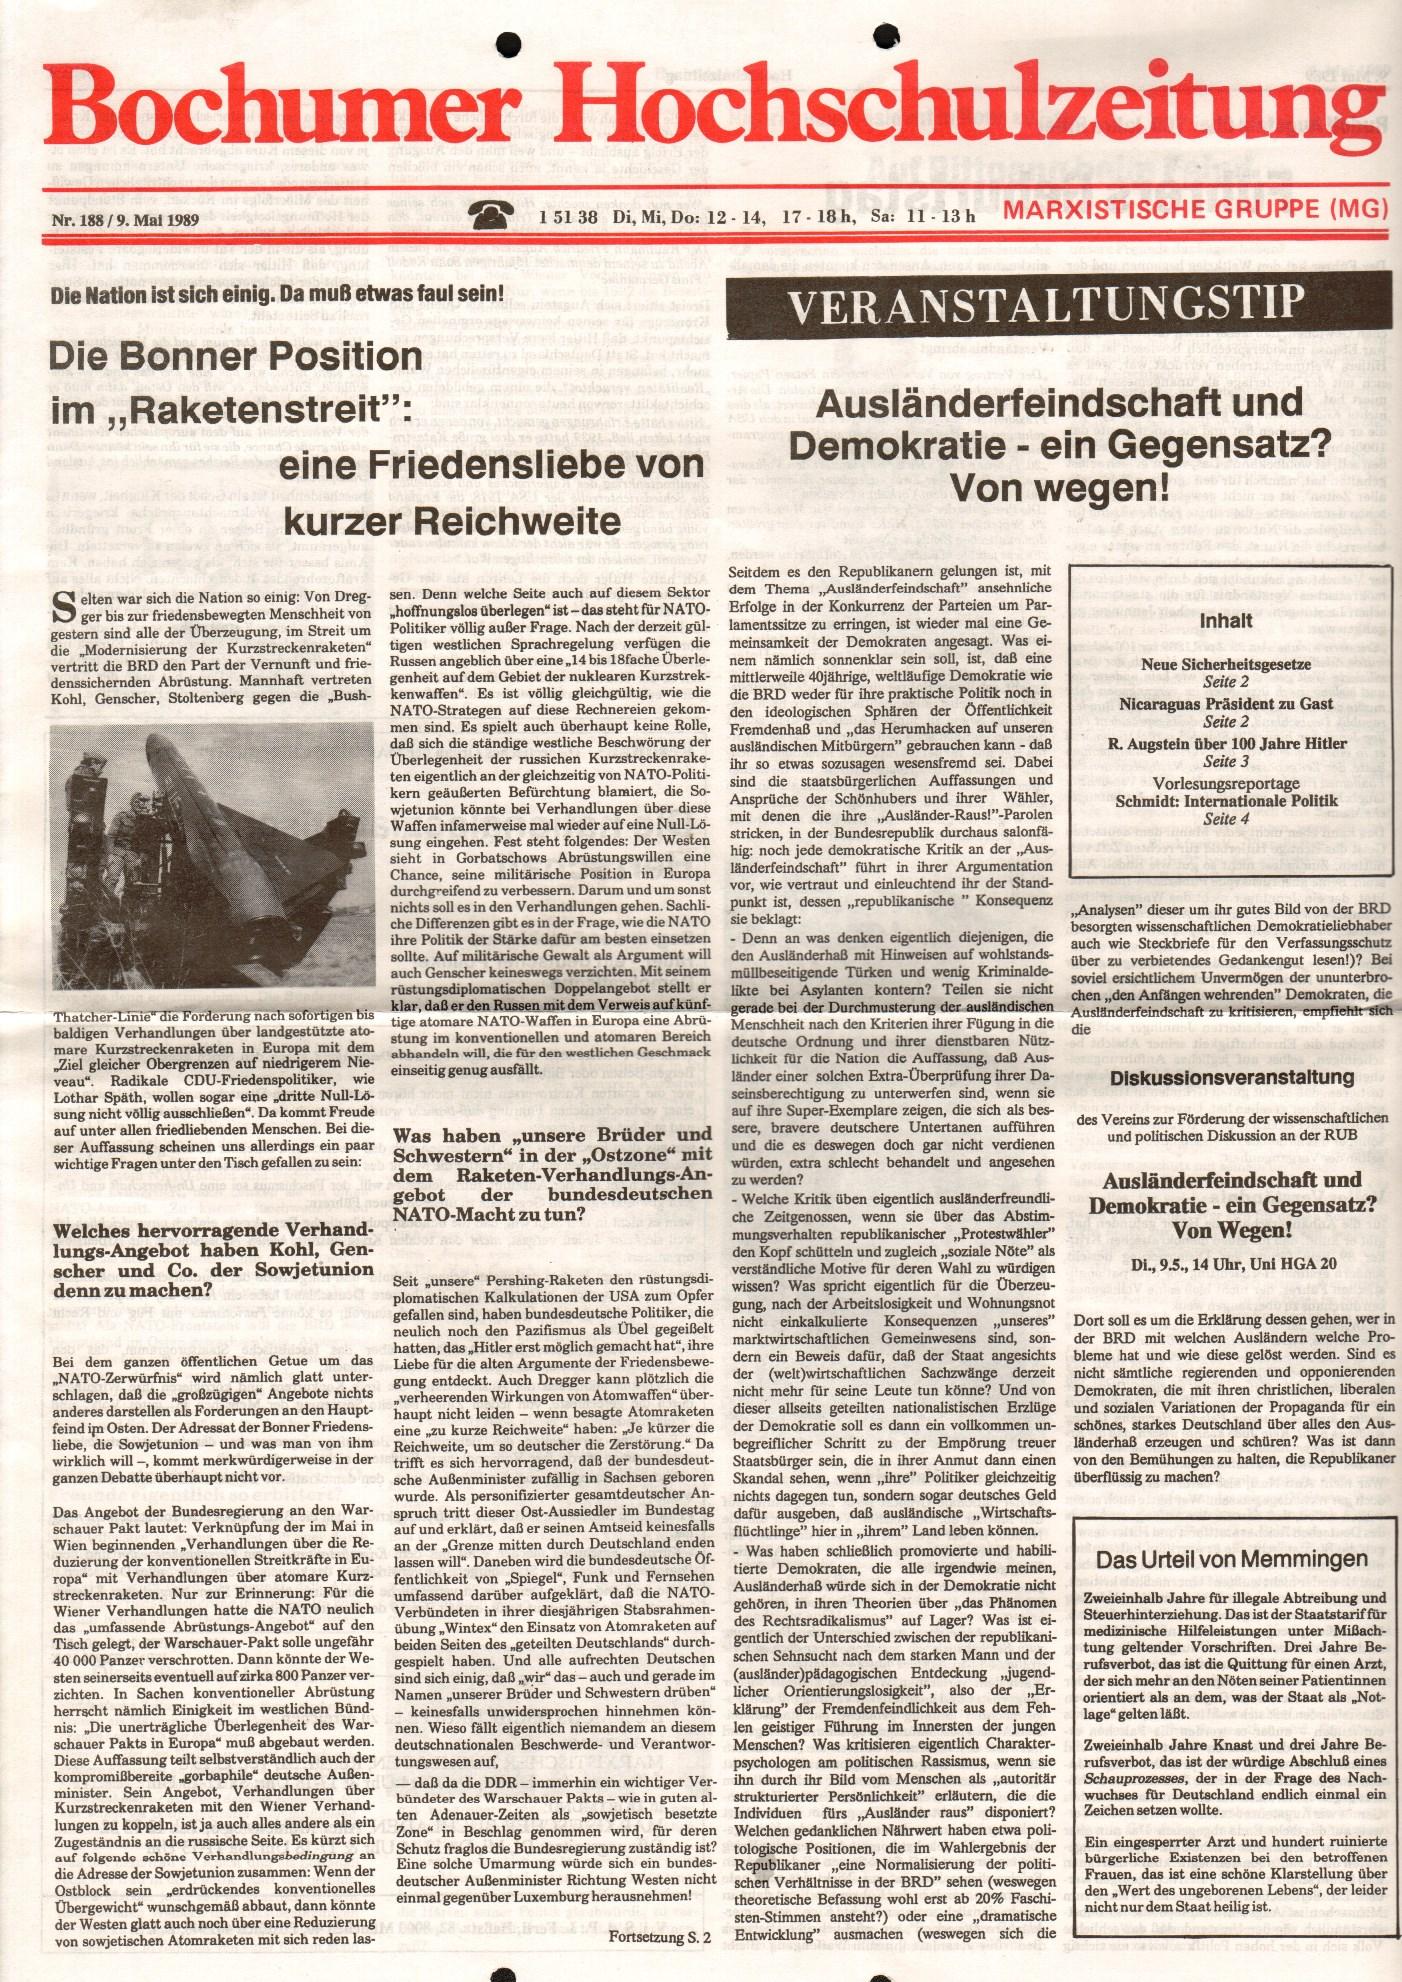 MG_Bochumer_Hochschulzeitung_19890509_01